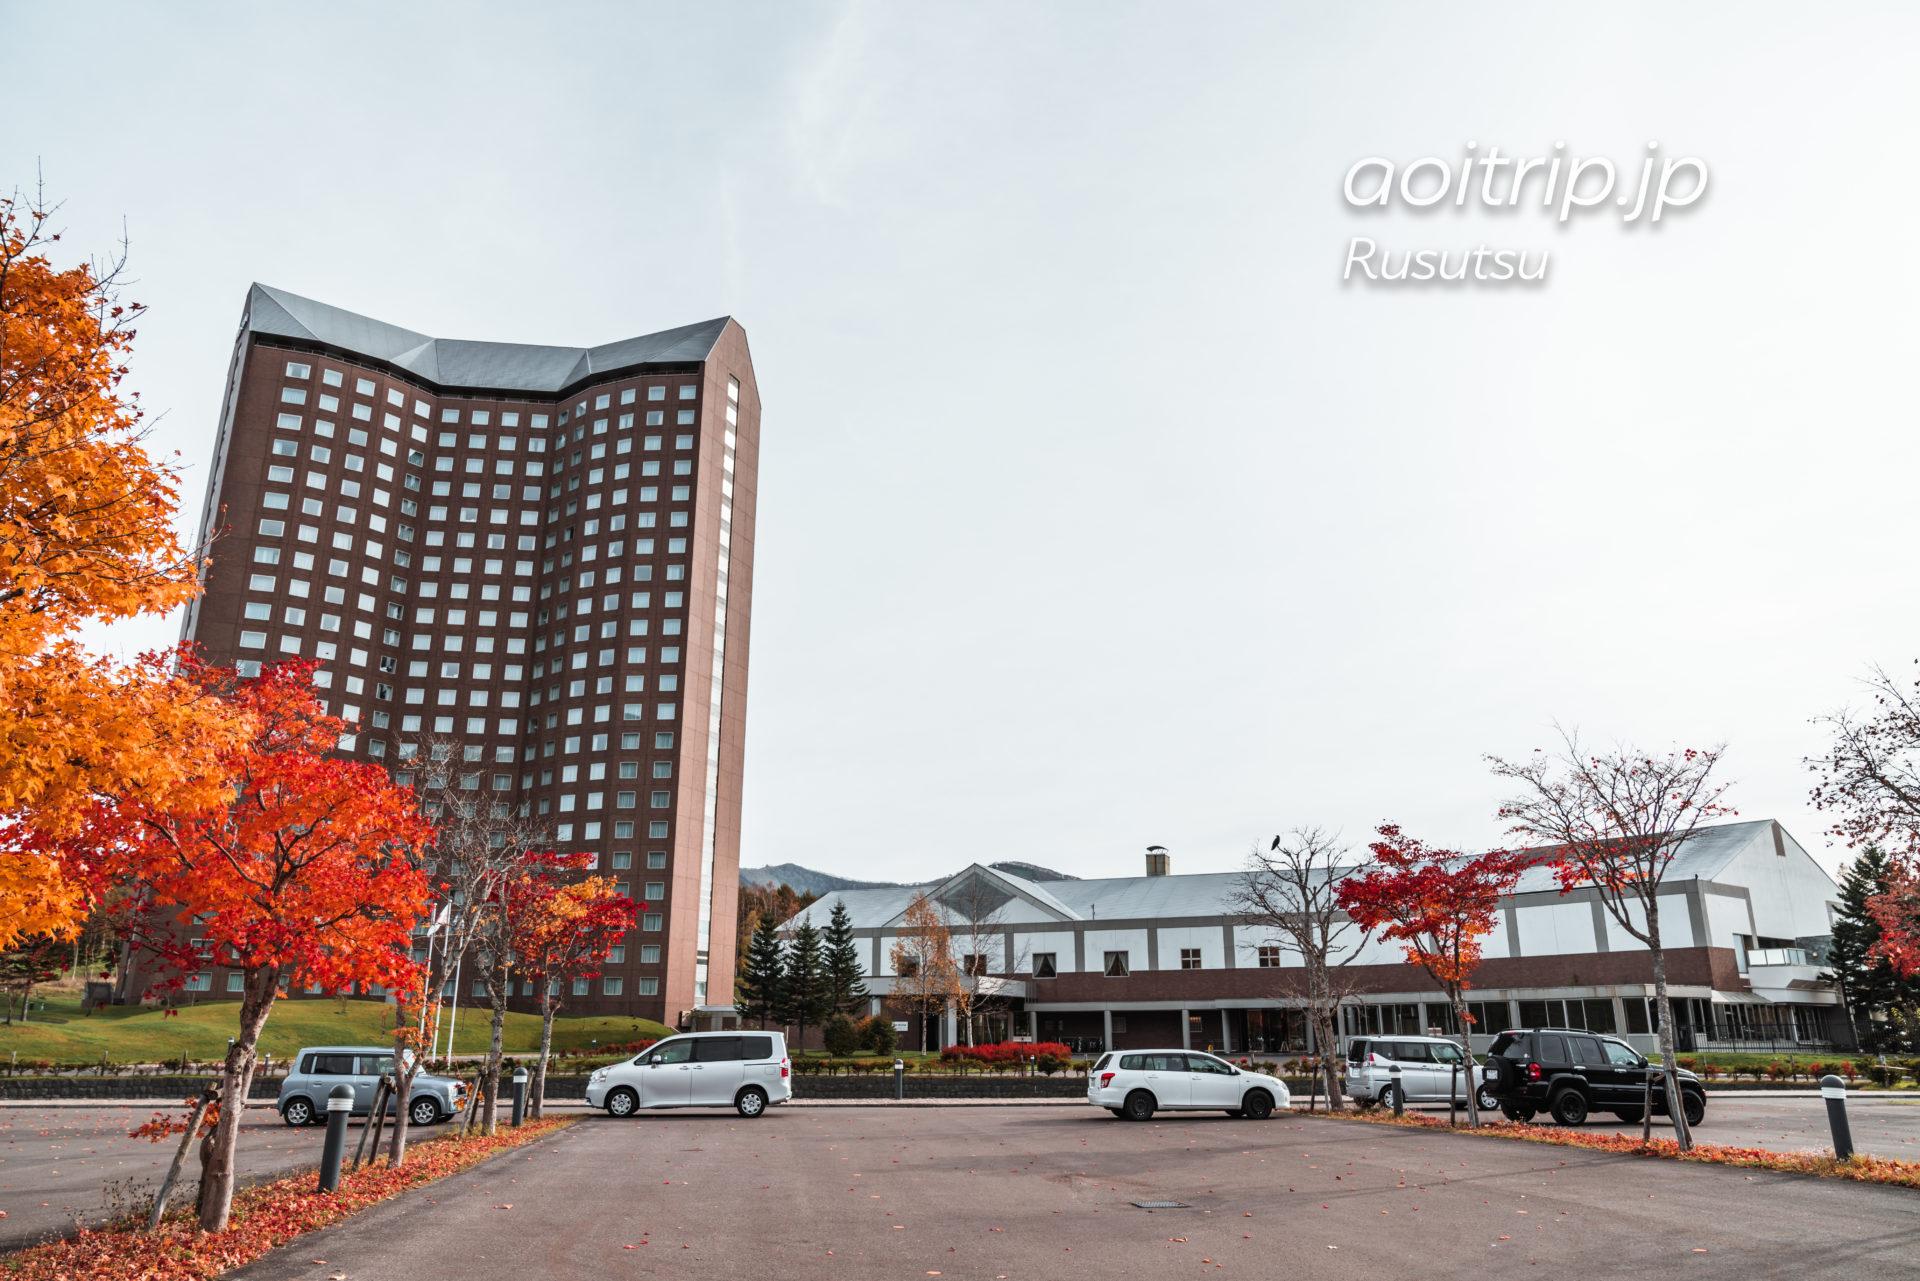 ウェスティン ルスツリゾート The Westin Rusutsu Resort